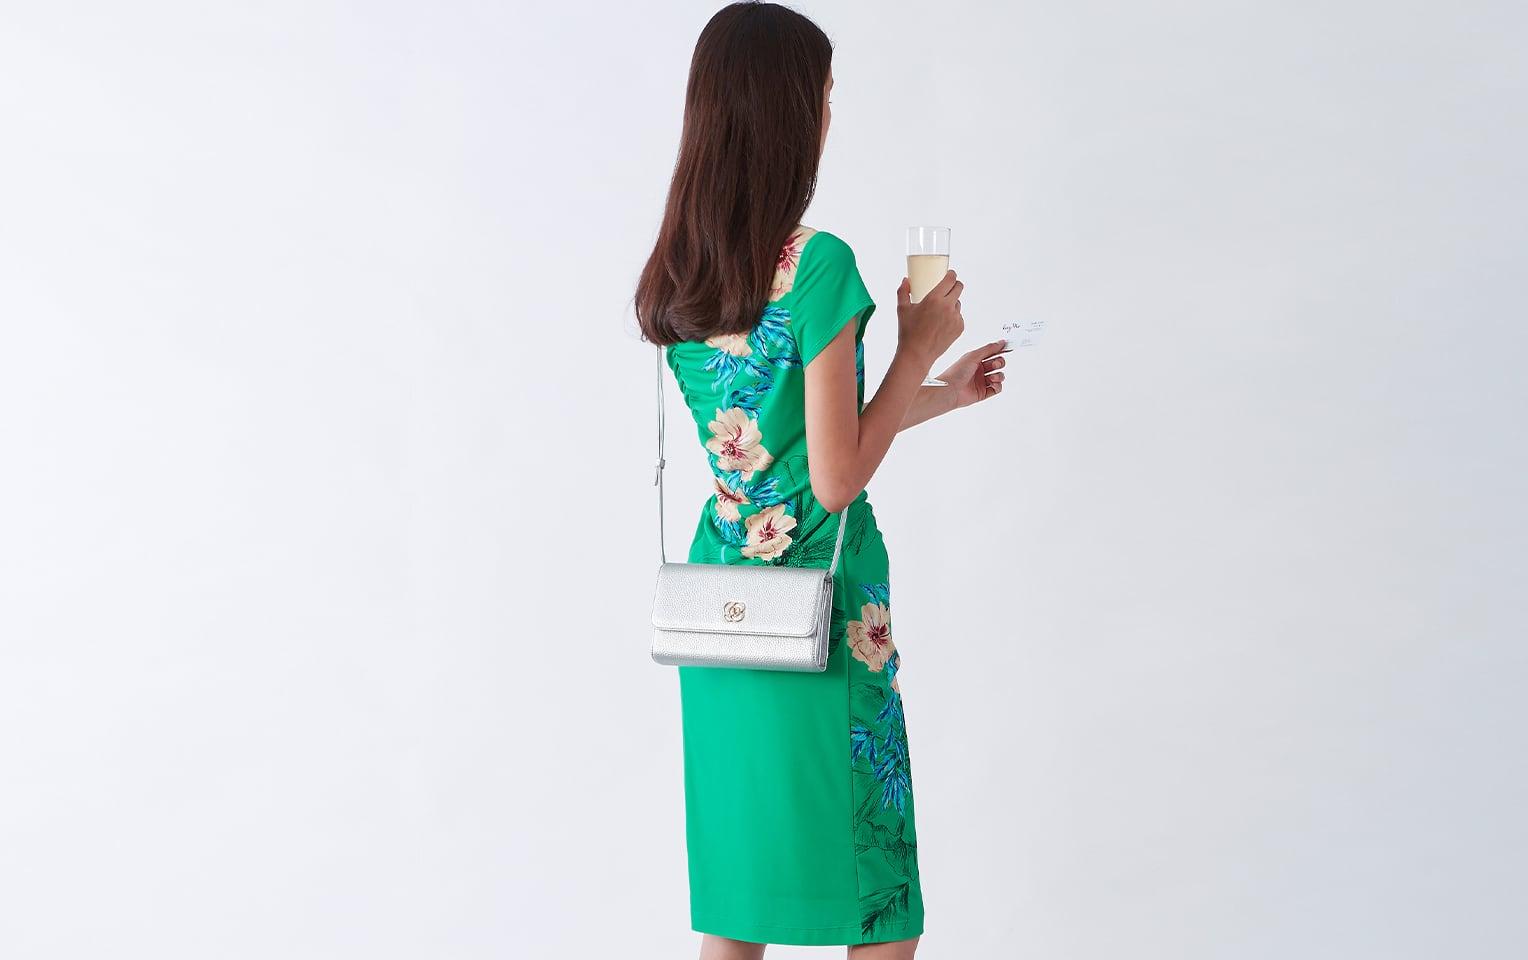 Coordinate_1_Green_Dress_Tablet.jpg